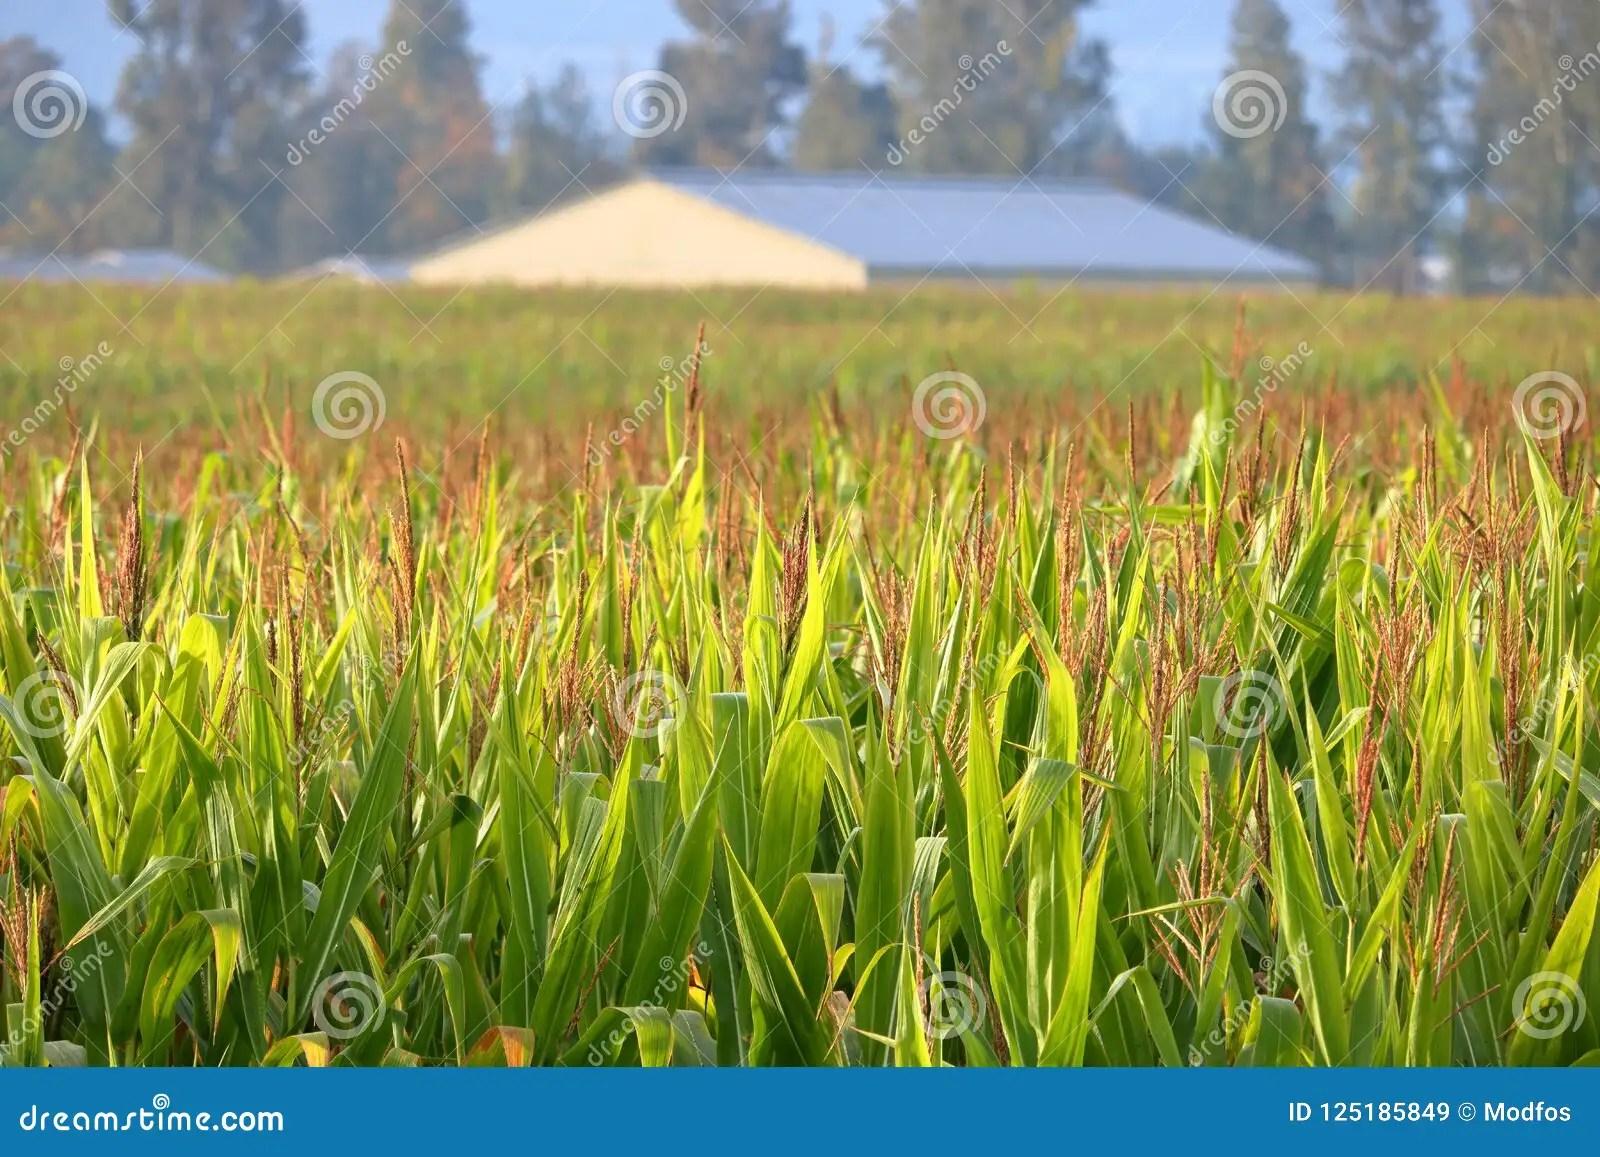 fall corn stock view